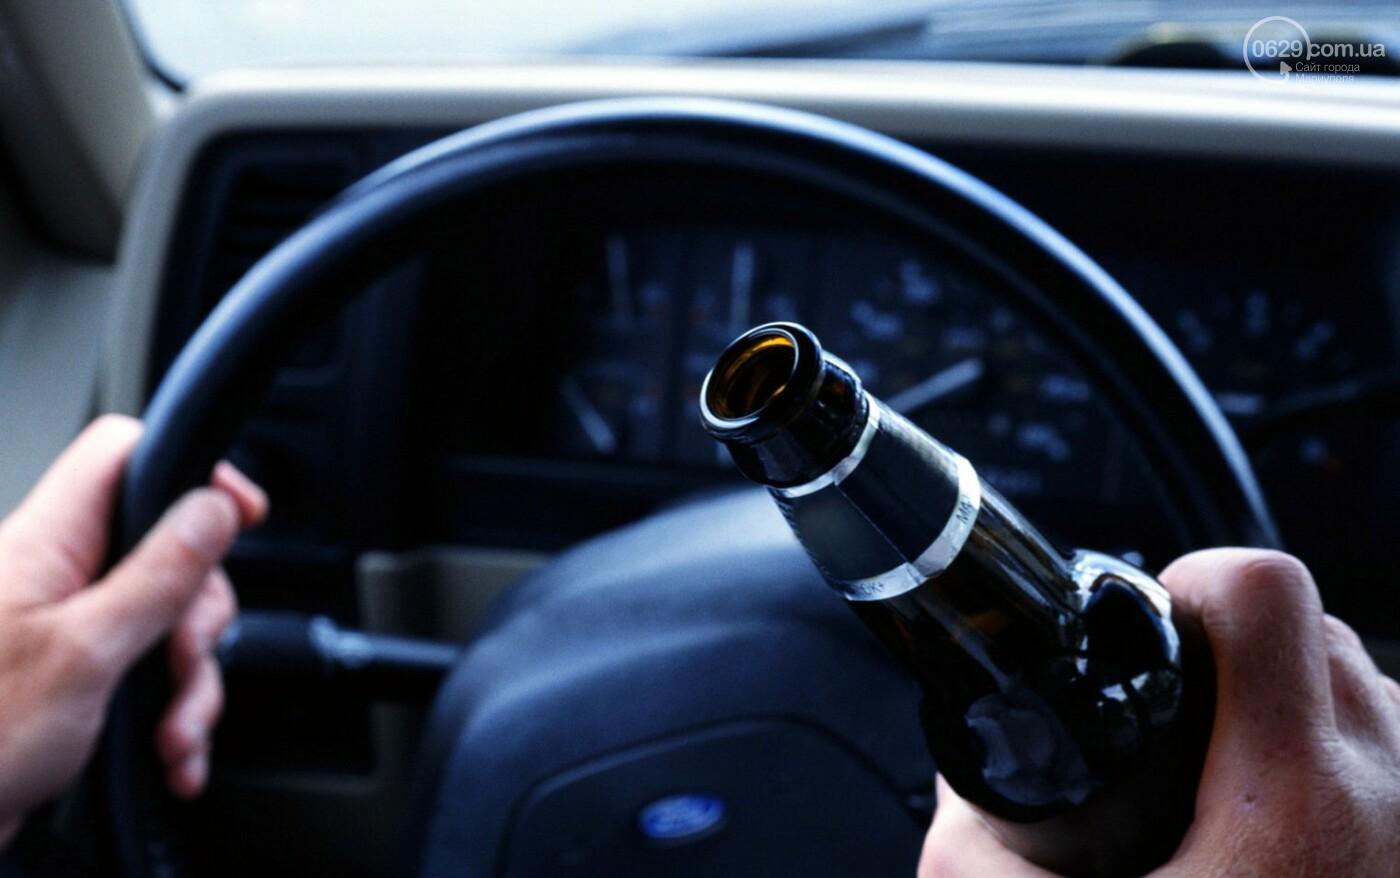 """Лайфхаки для любителей """"пьяной"""" езды, или Что нужно сделать, чтобы остановить пьяный беспредел на дорогах, фото-2"""